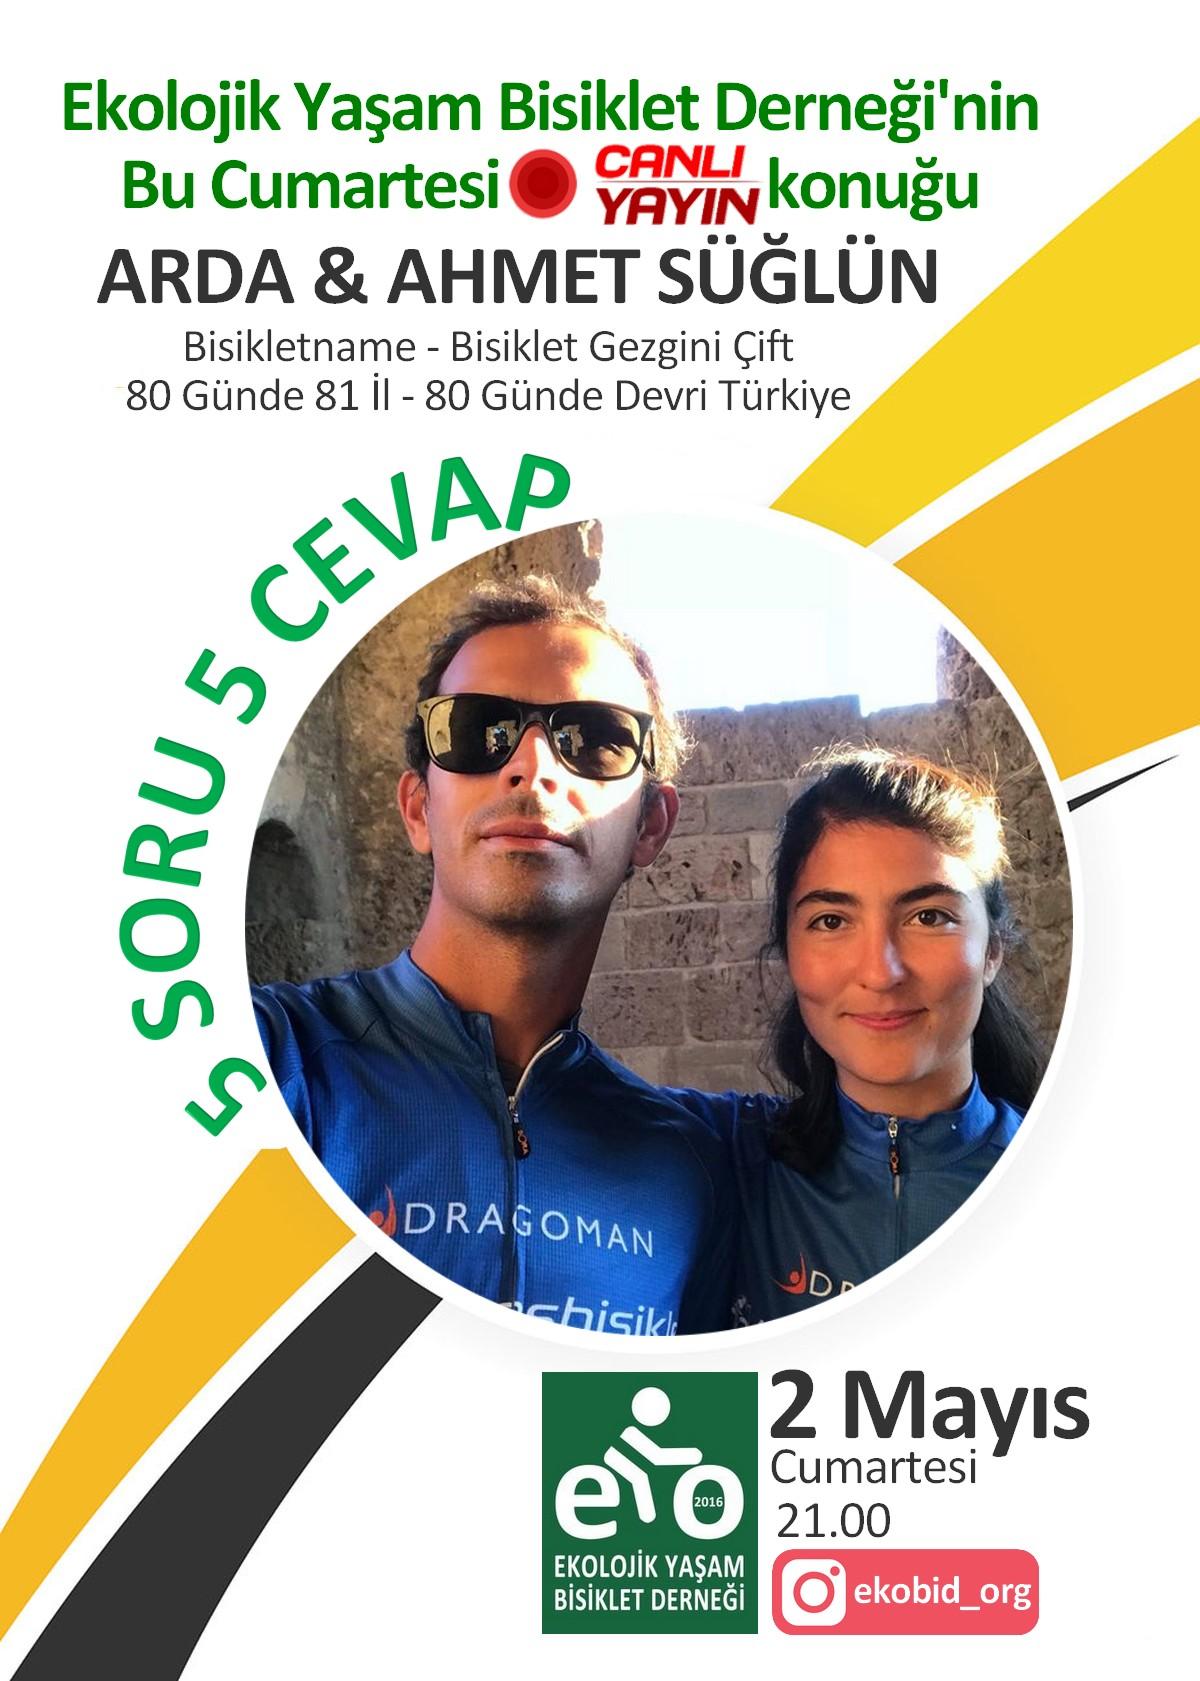 Arda & Ahmet SÜĞLÜN